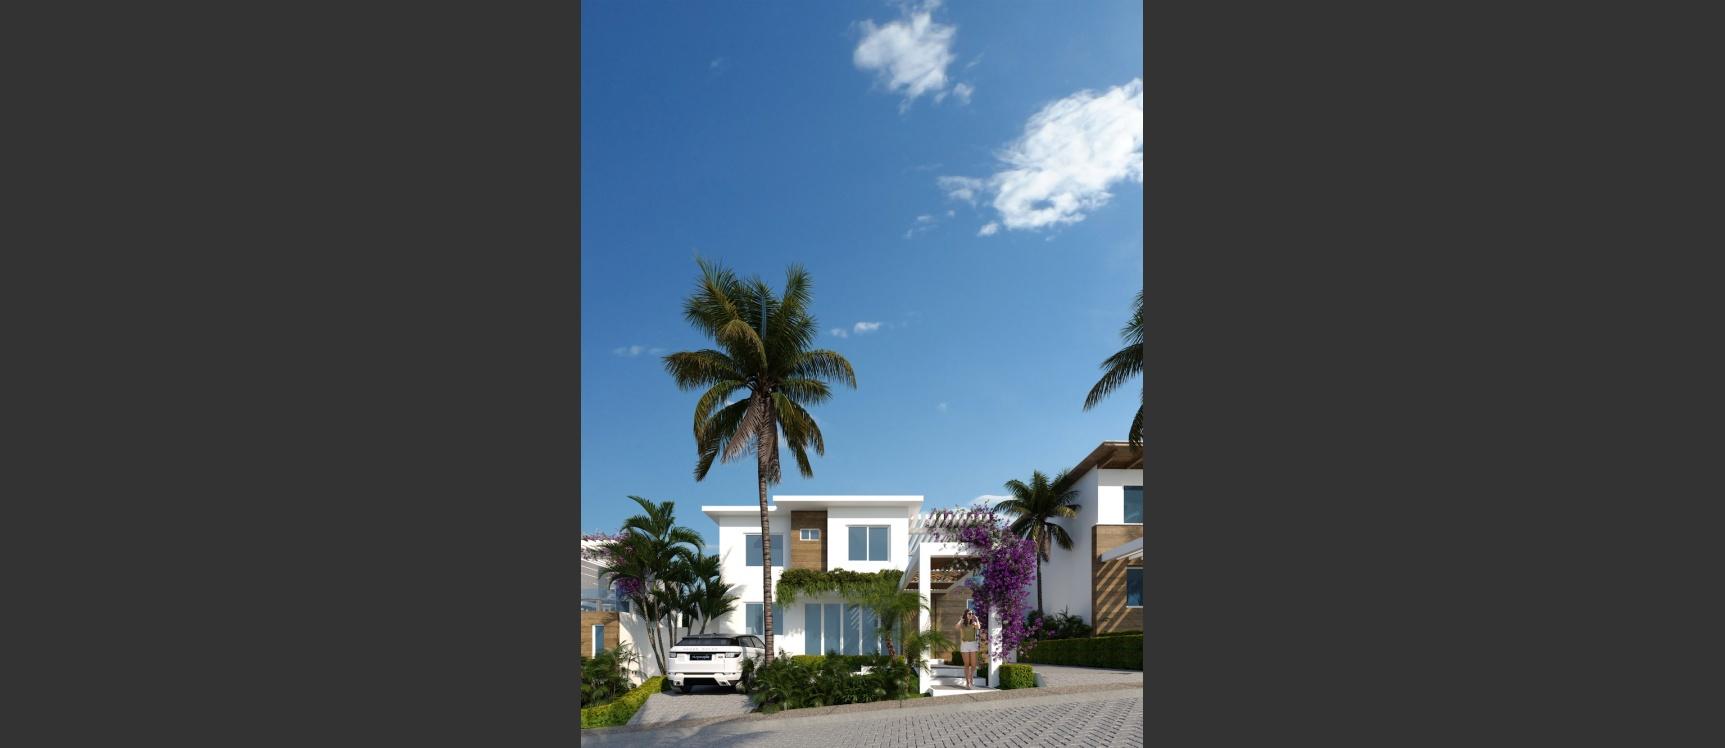 GeoBienes - A2 Beach House Unifamiliar - Plusvalia Guayaquil Casas de venta y alquiler Inmobiliaria Ecuador